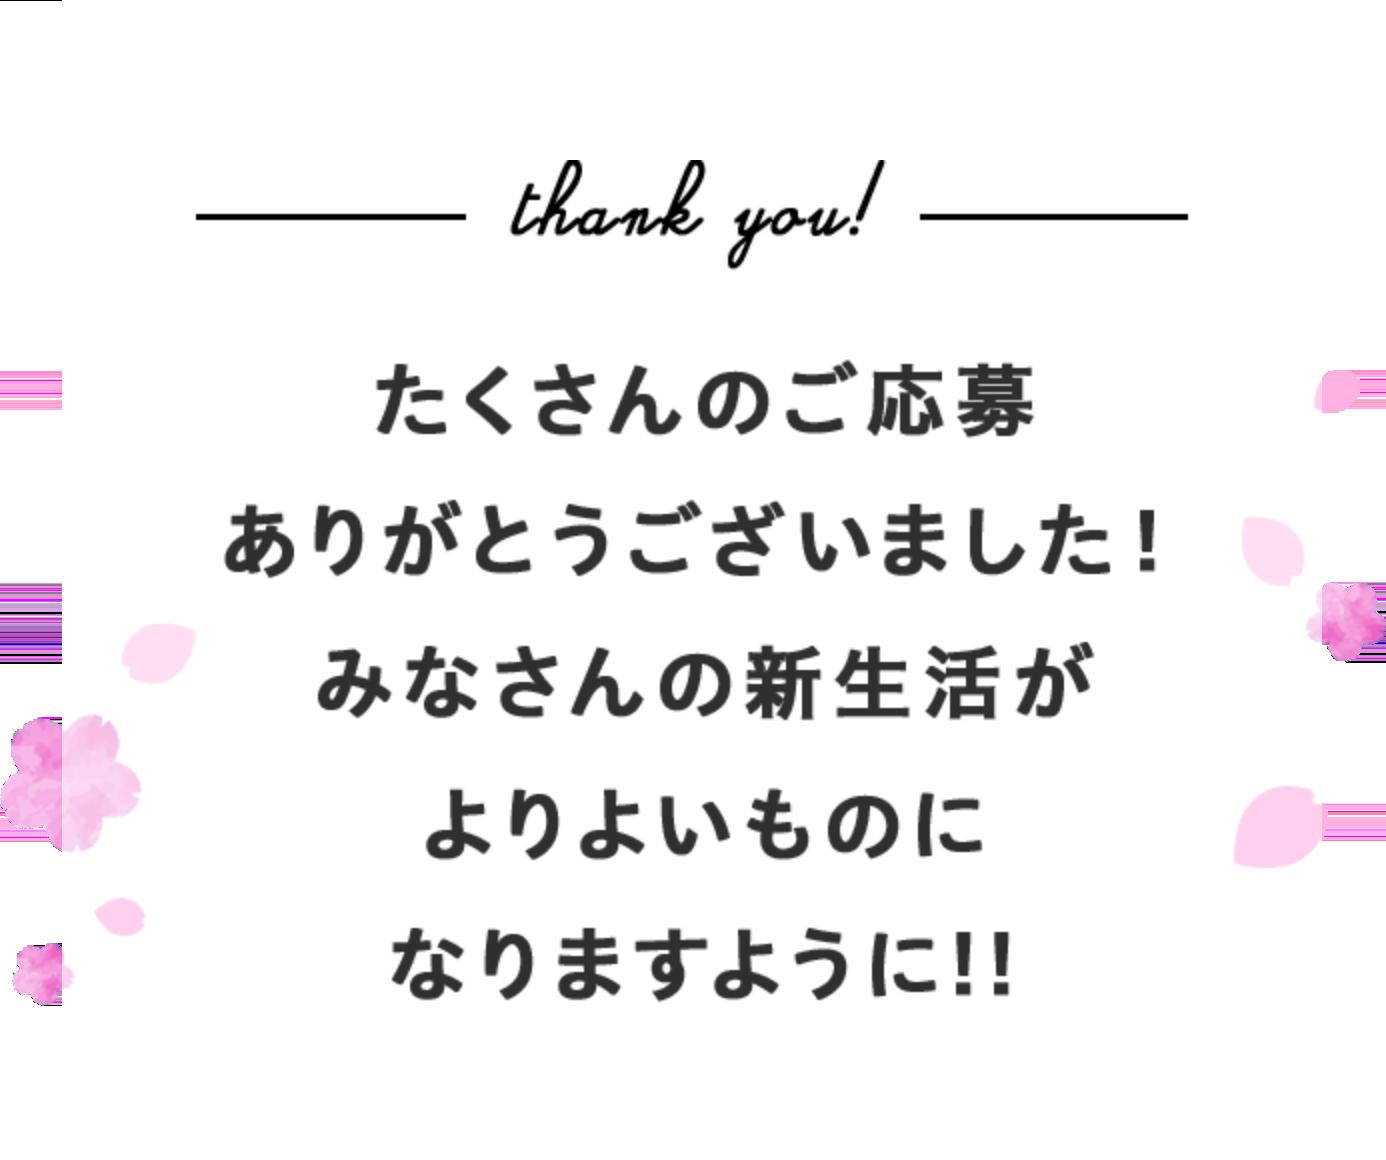 たくさんのご応募ありがとうございました!みなさんの新生活がよりよいものになりますように!!